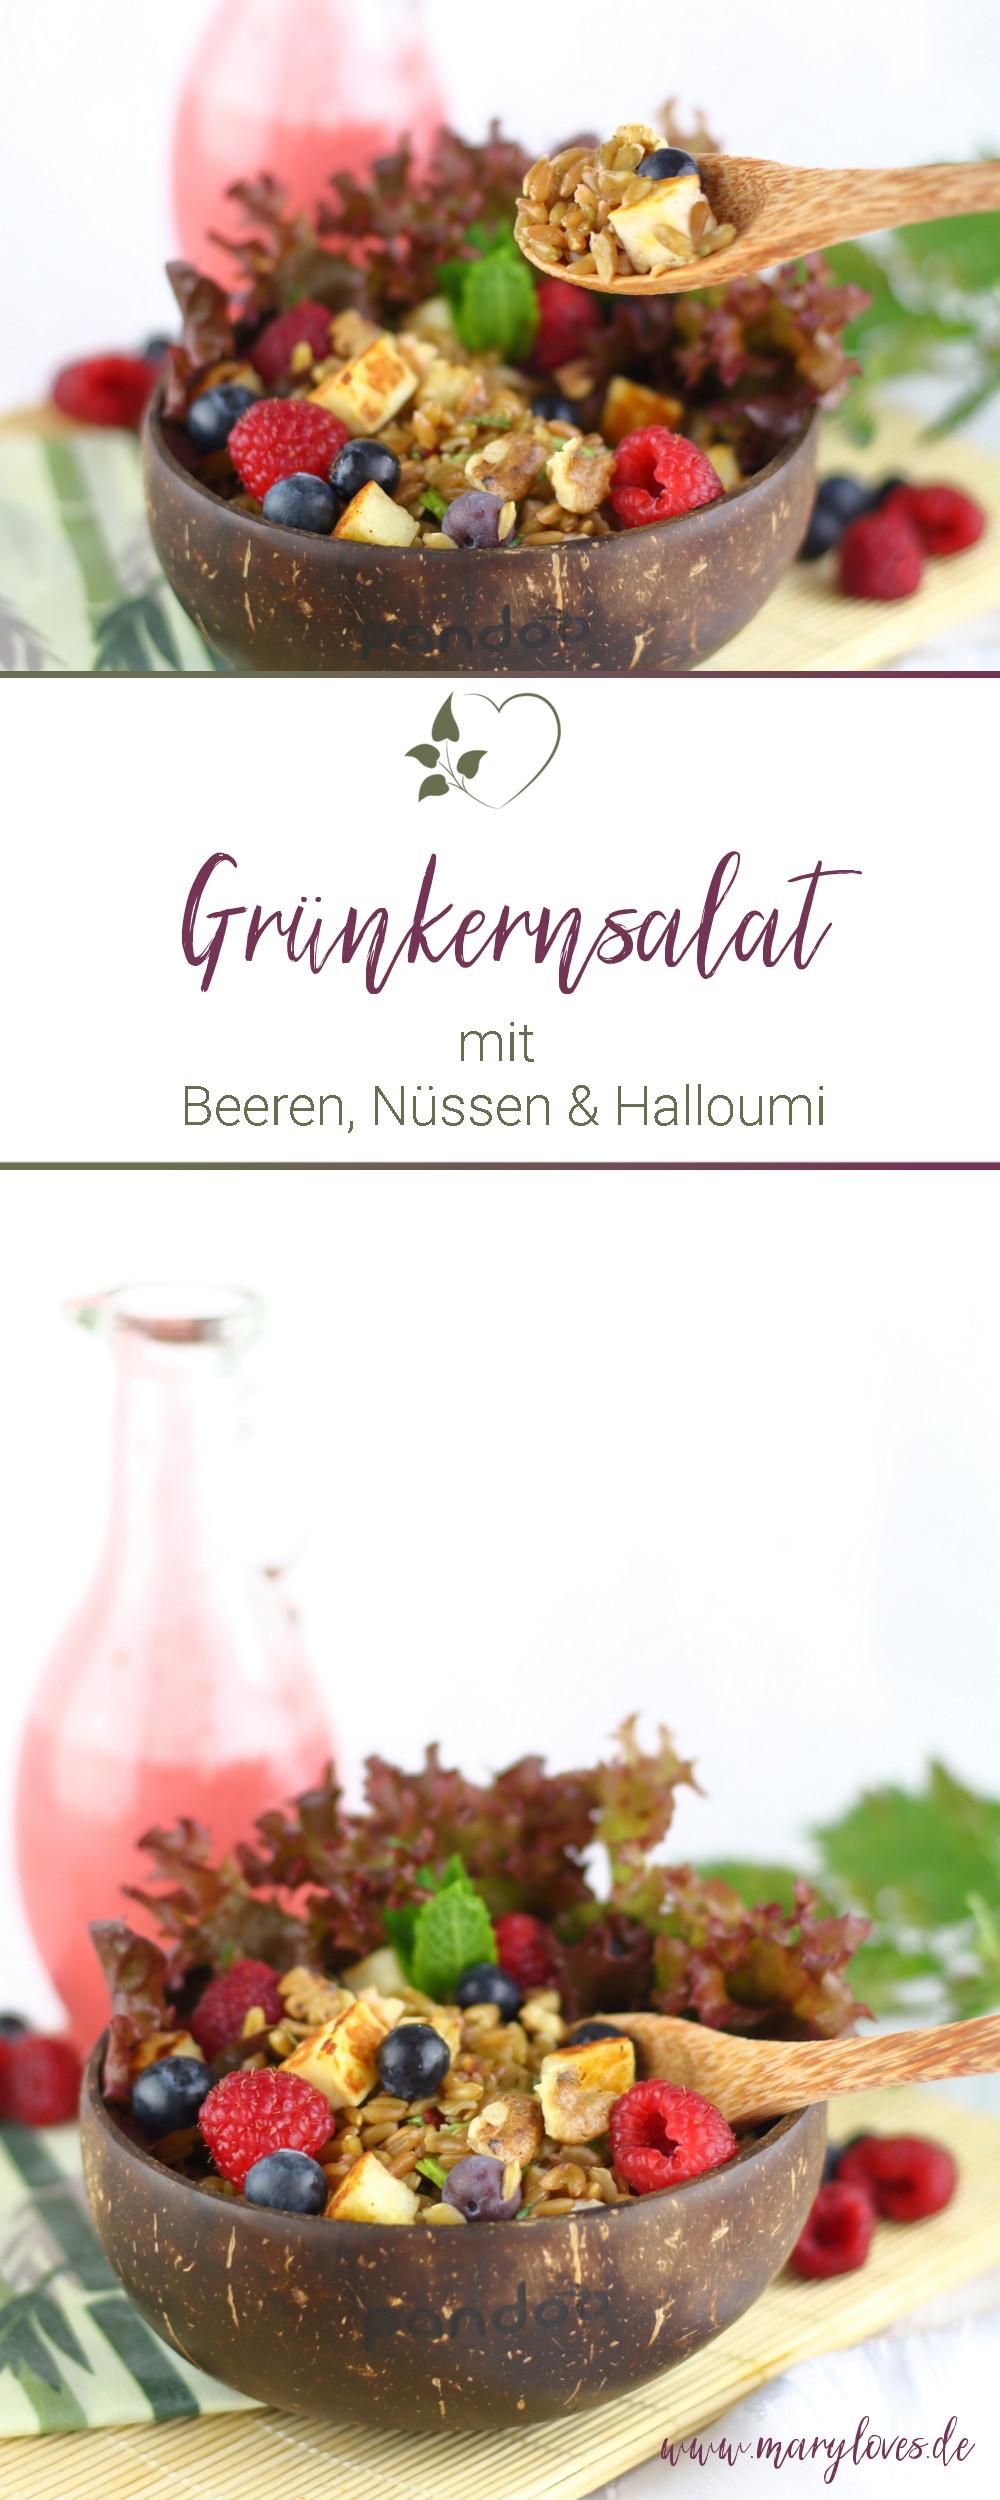 [Anzeige] Sommerlicher Grünkernsalat mit Beeren, Nüssen & Halloumi - #sommersalat #salat #grünkern #grünkernsalat #sommerrezept #grillsalat